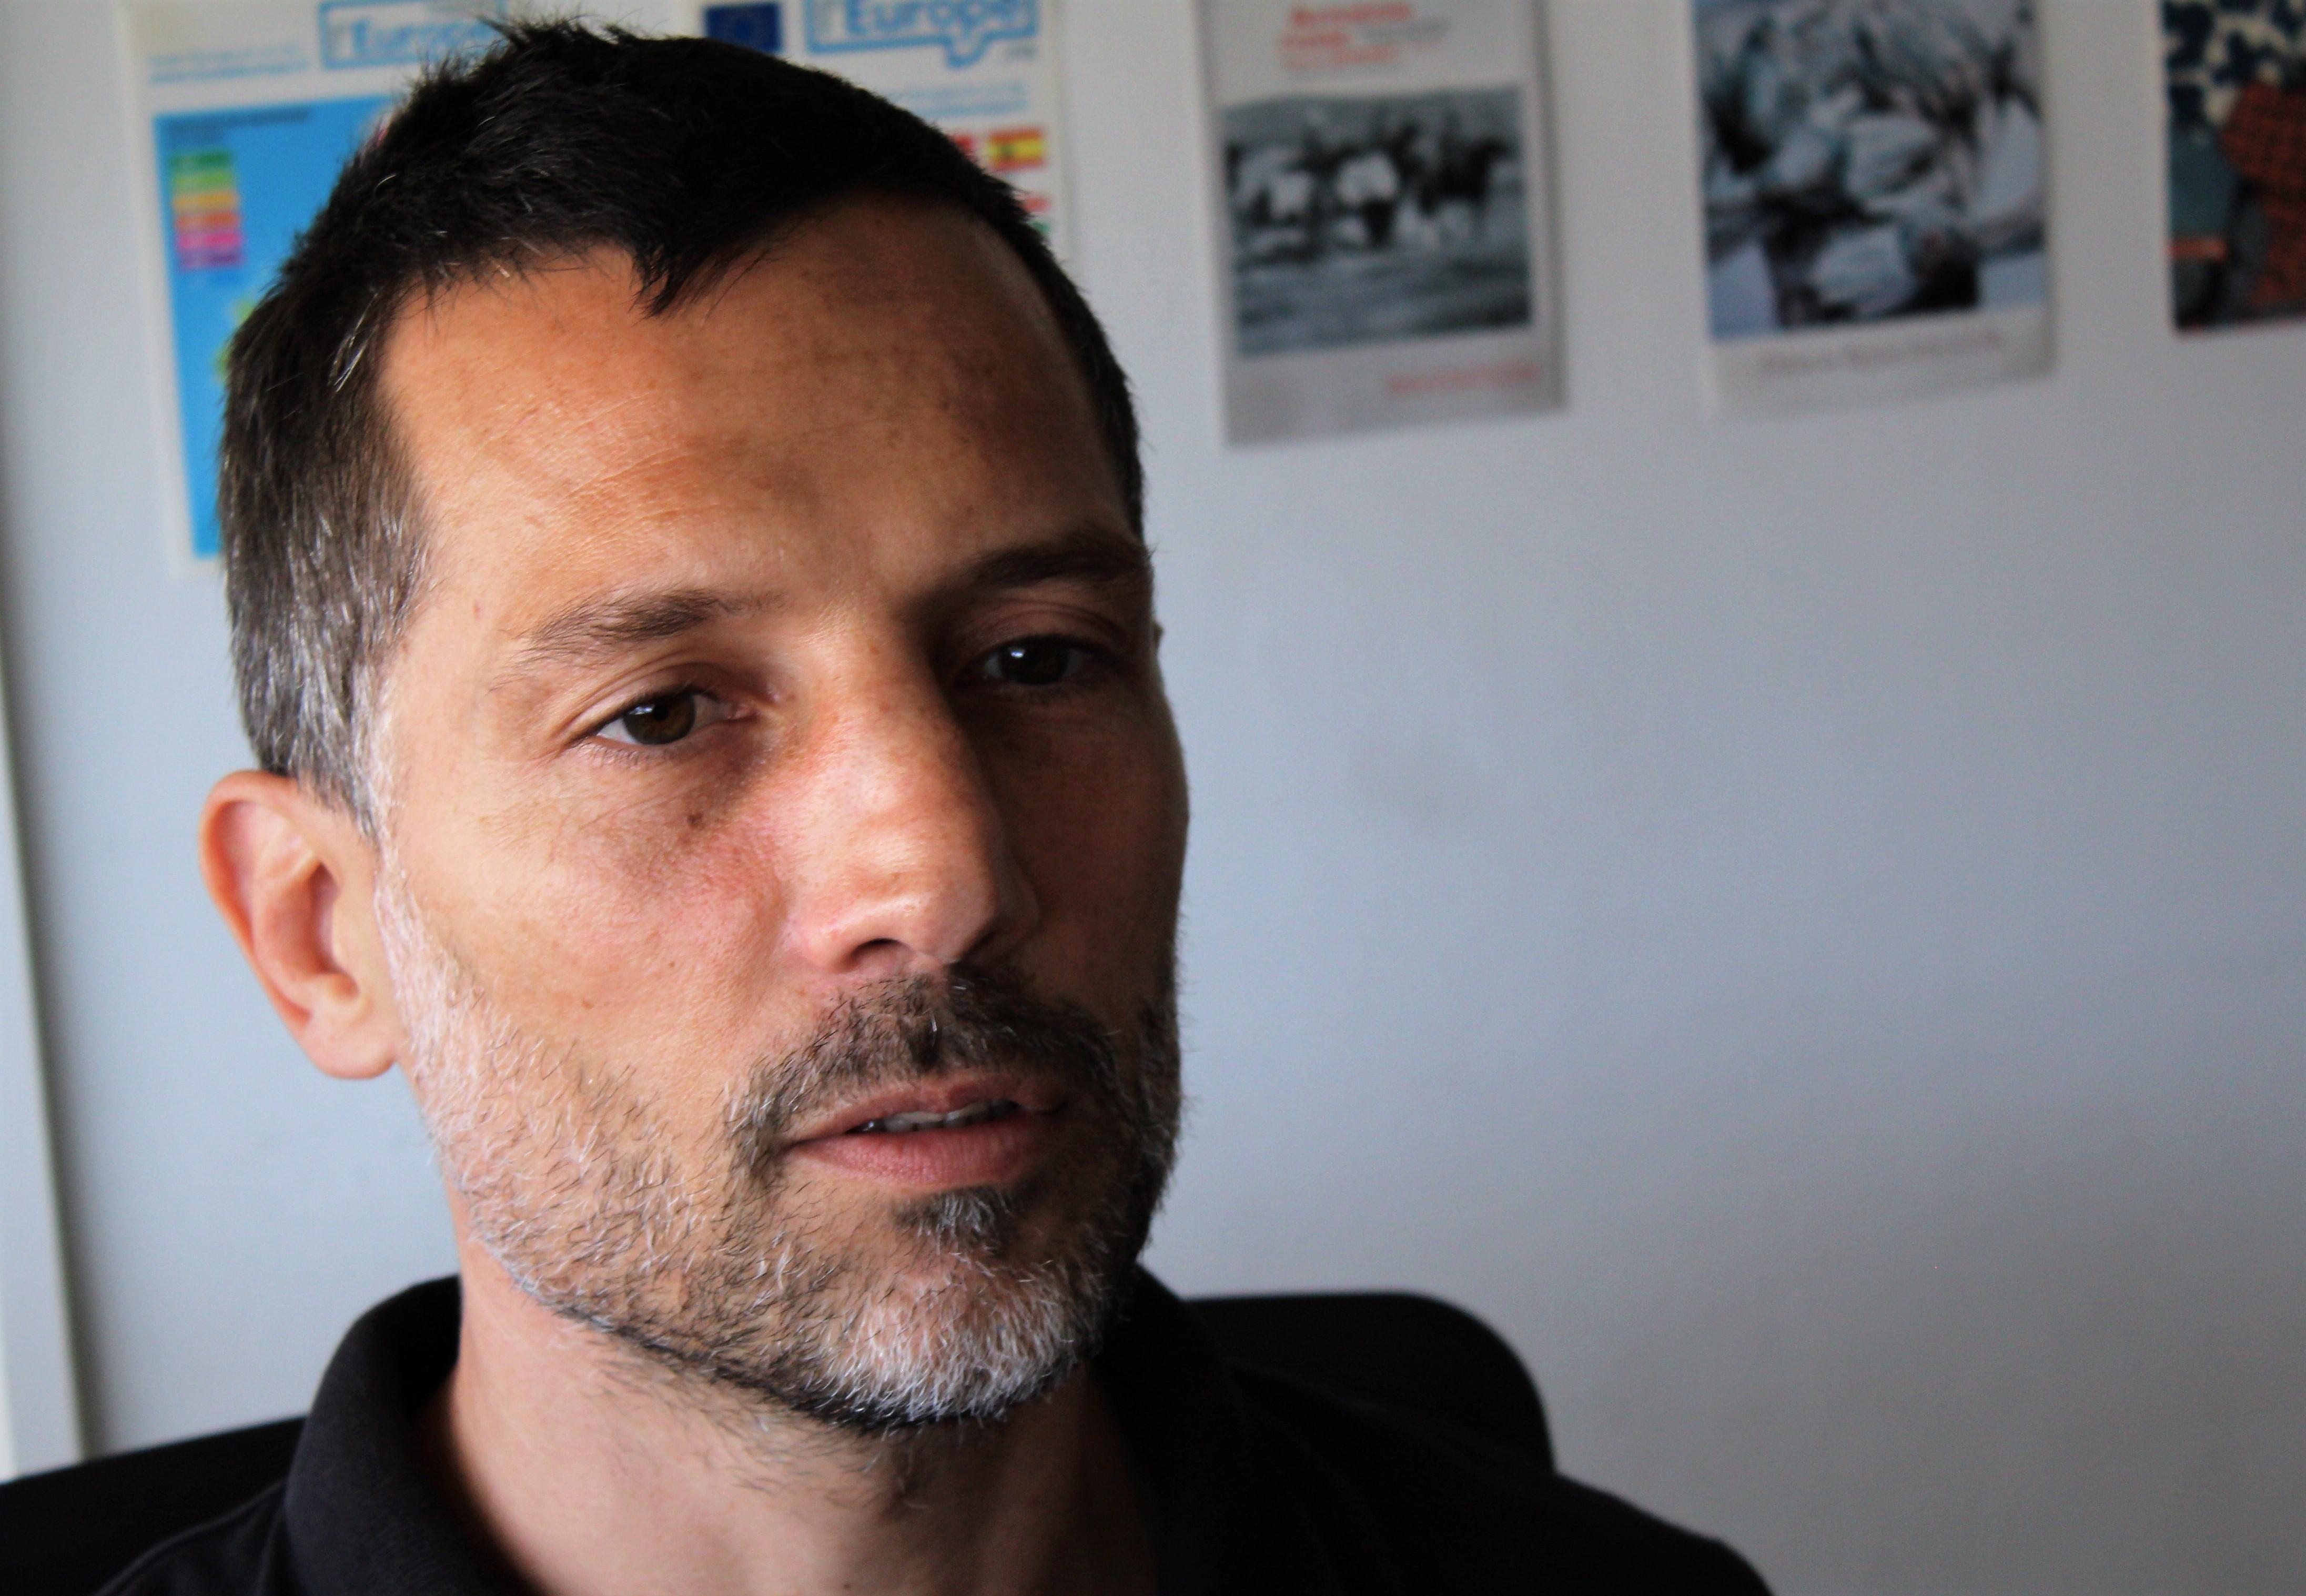 Maître de conférences en géographie et urbanisme, Anthony Tchékémian fait appel à l'artiste Jean-Paul Forest pour l'un de ses cours.